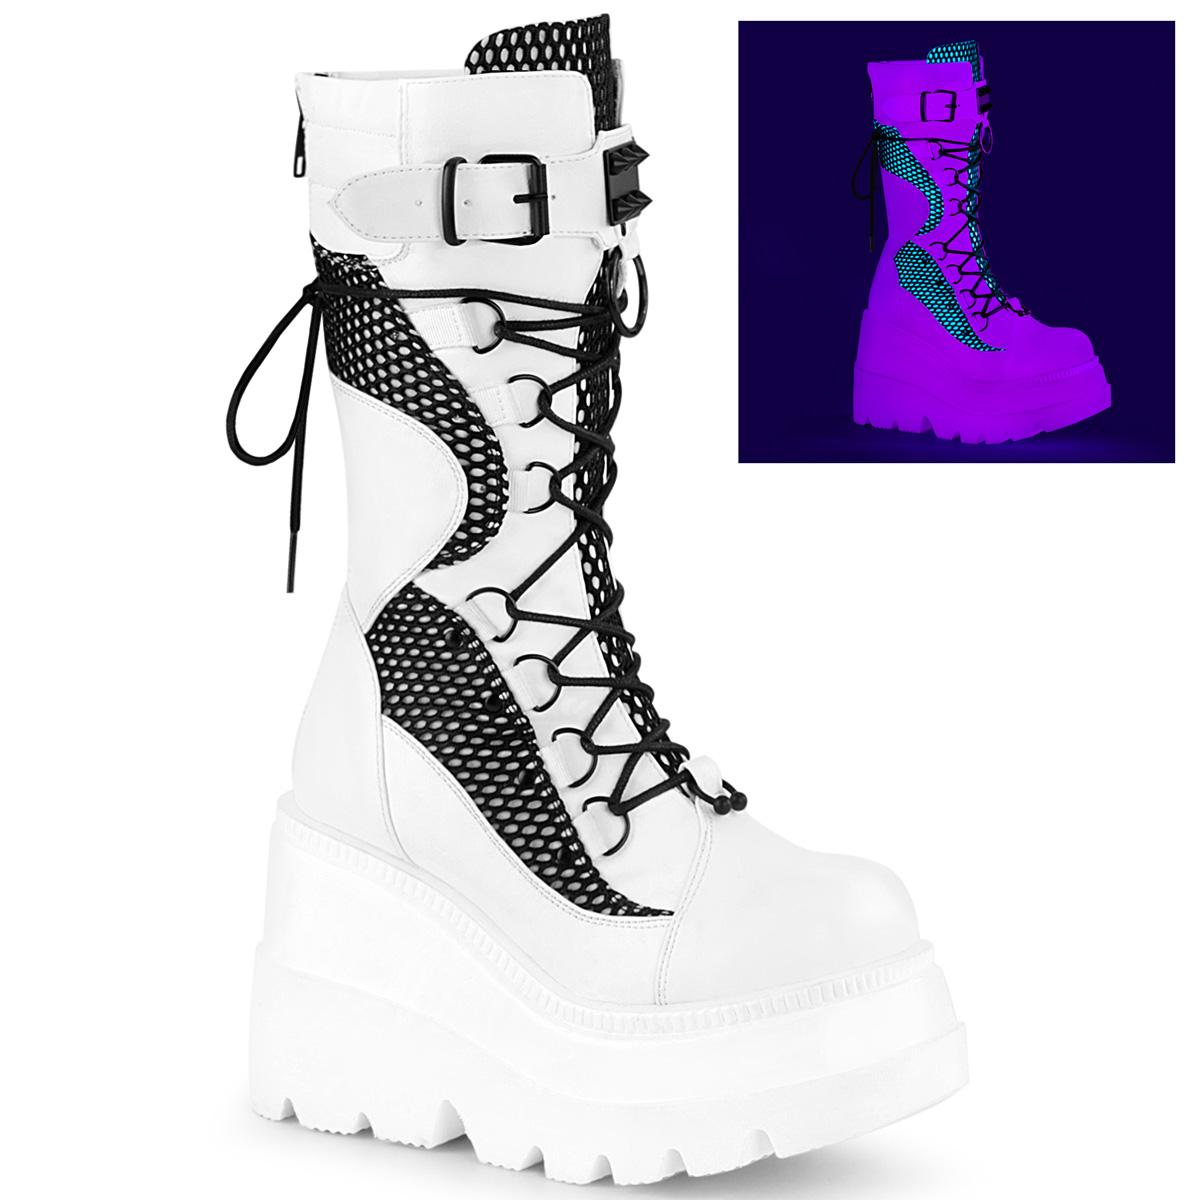 Demonia(デモニア) SHAKER-70 ウェッジソール厚底ミッドカーフブーツ つや消し白/黒フィッシュネット◆取り寄せ